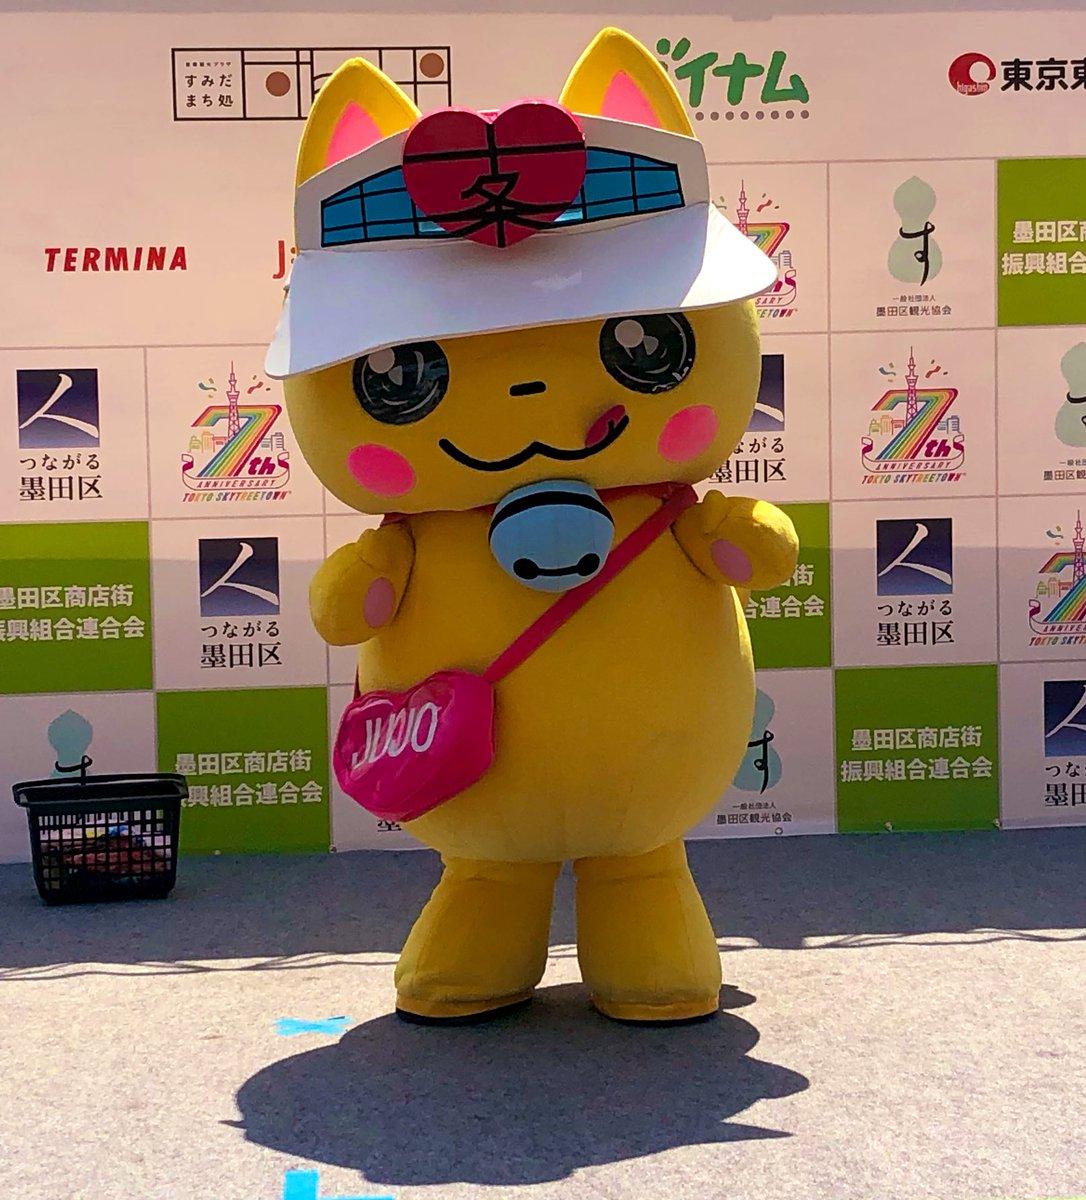 Kitanyan - Ele é o gatinho fashionista mascote de uma rua coberta de compras